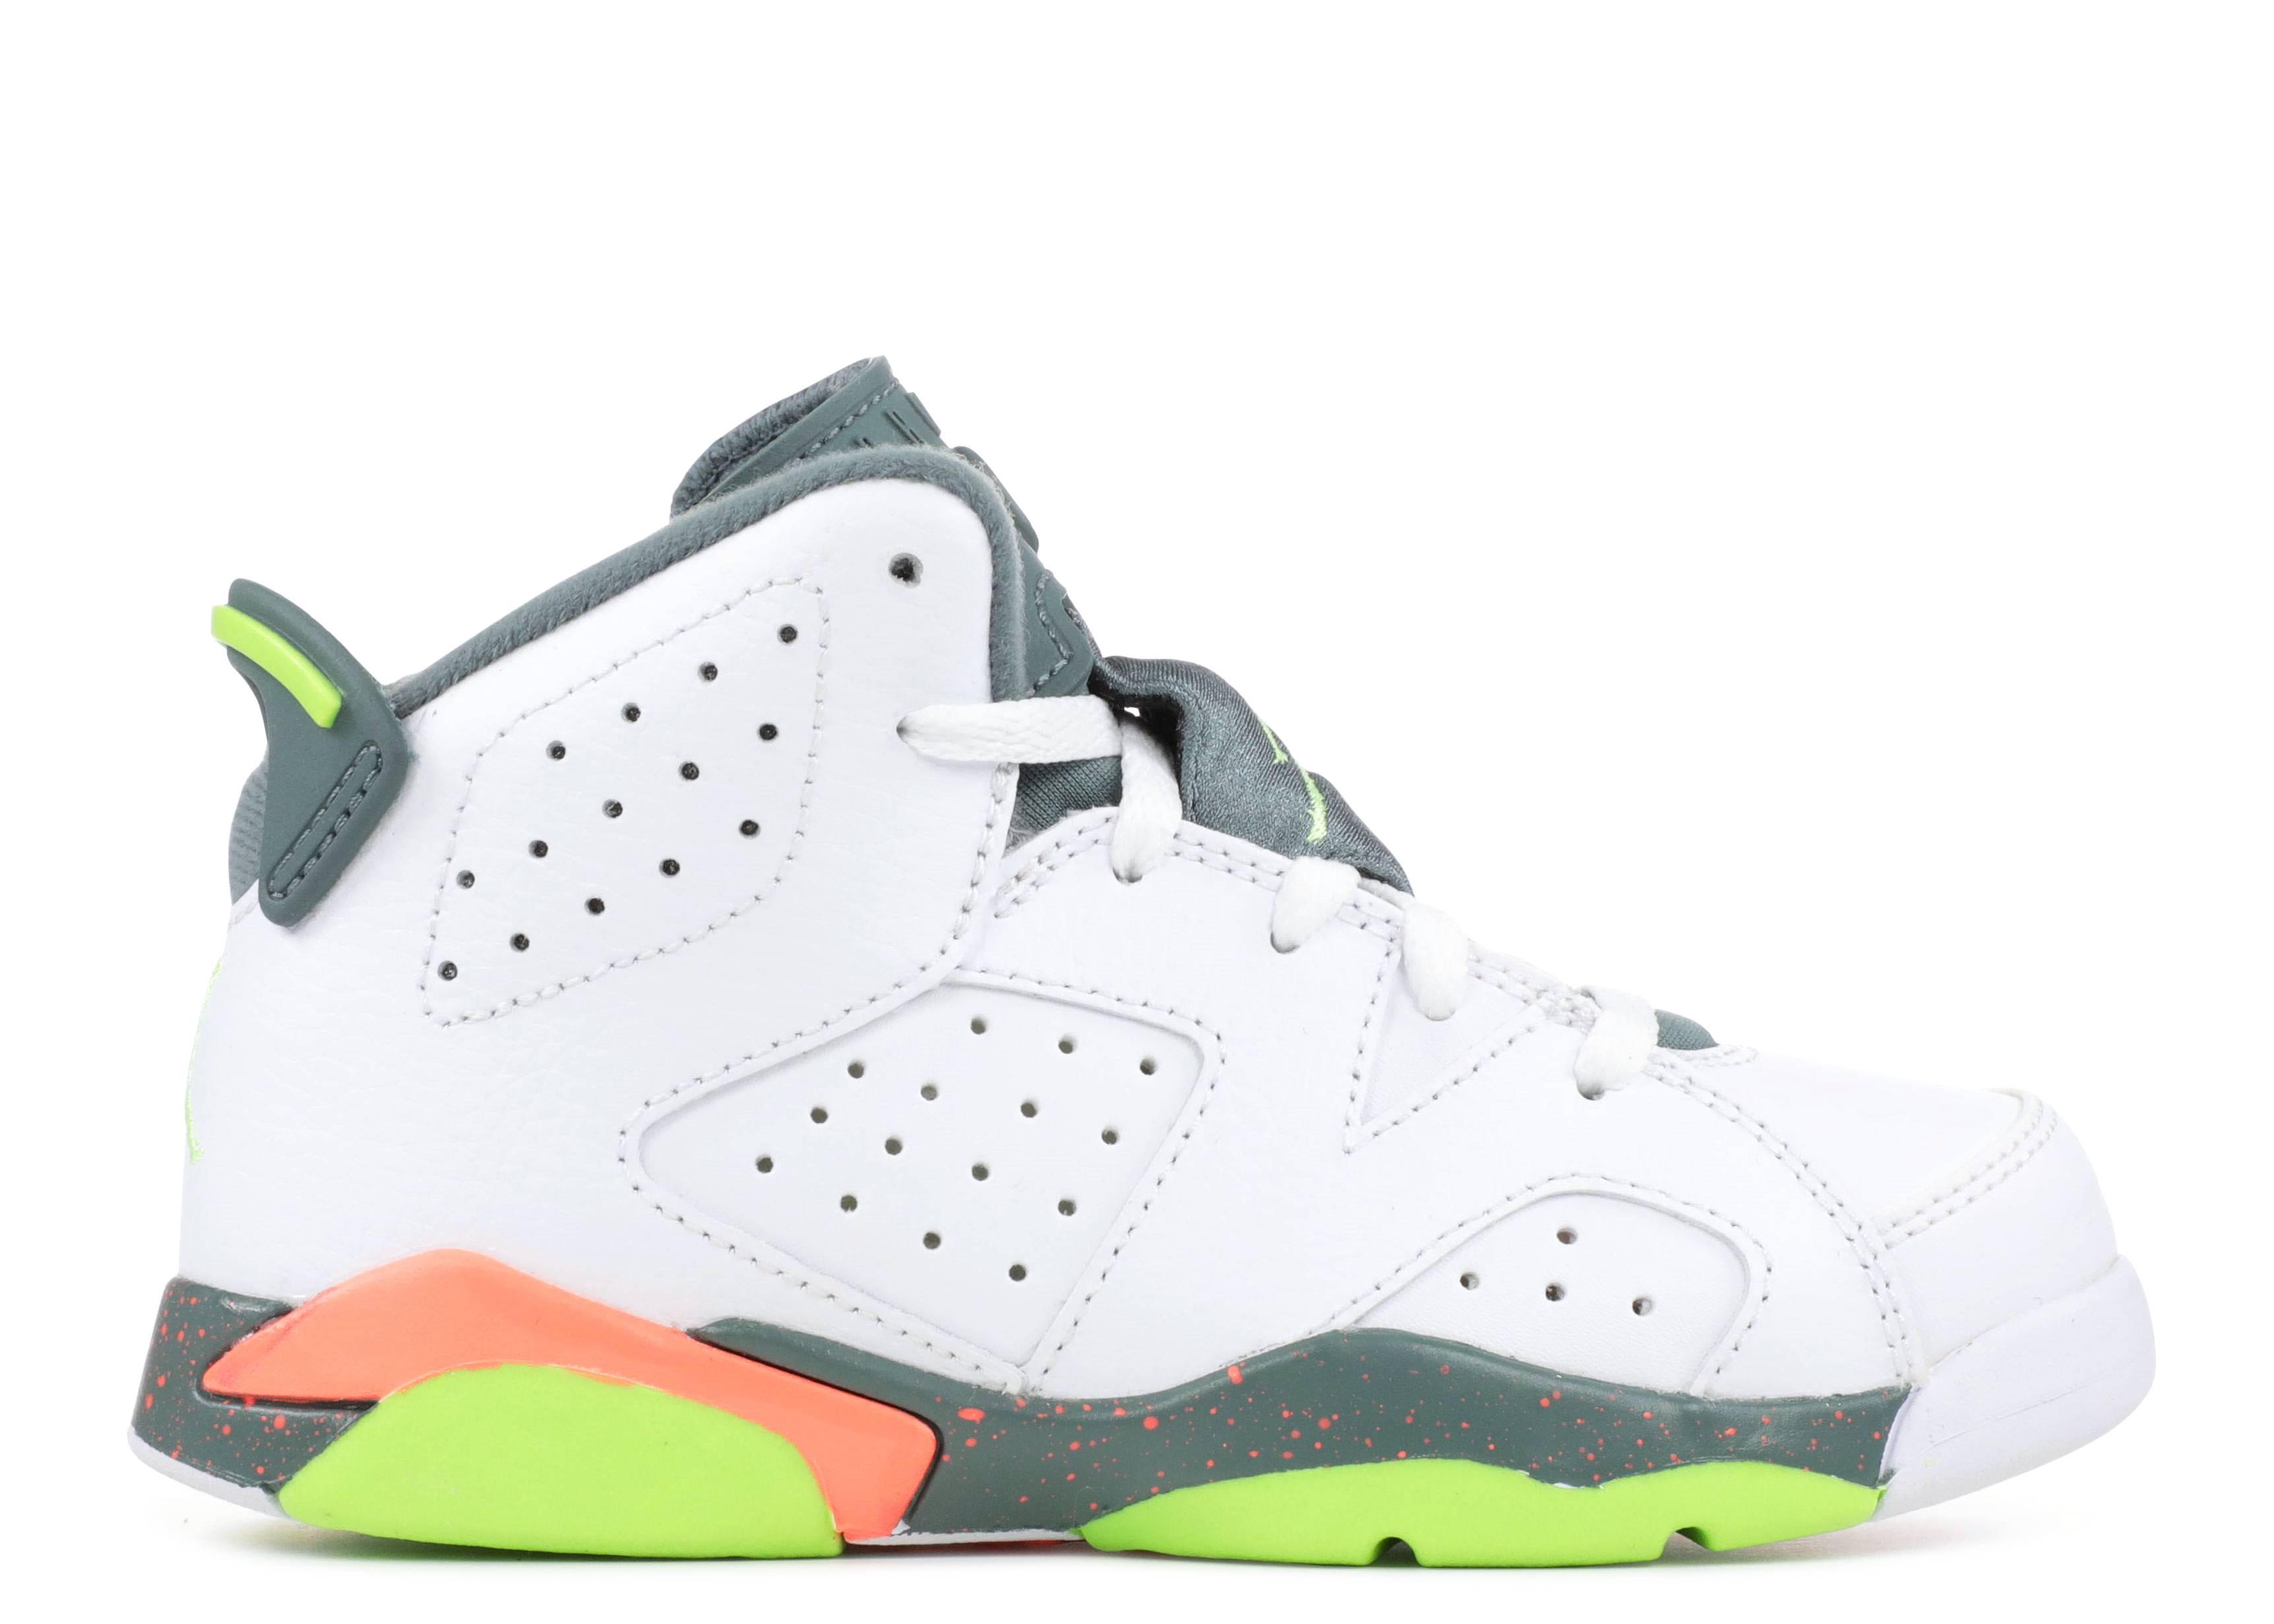 Jordan 6 Retro BP